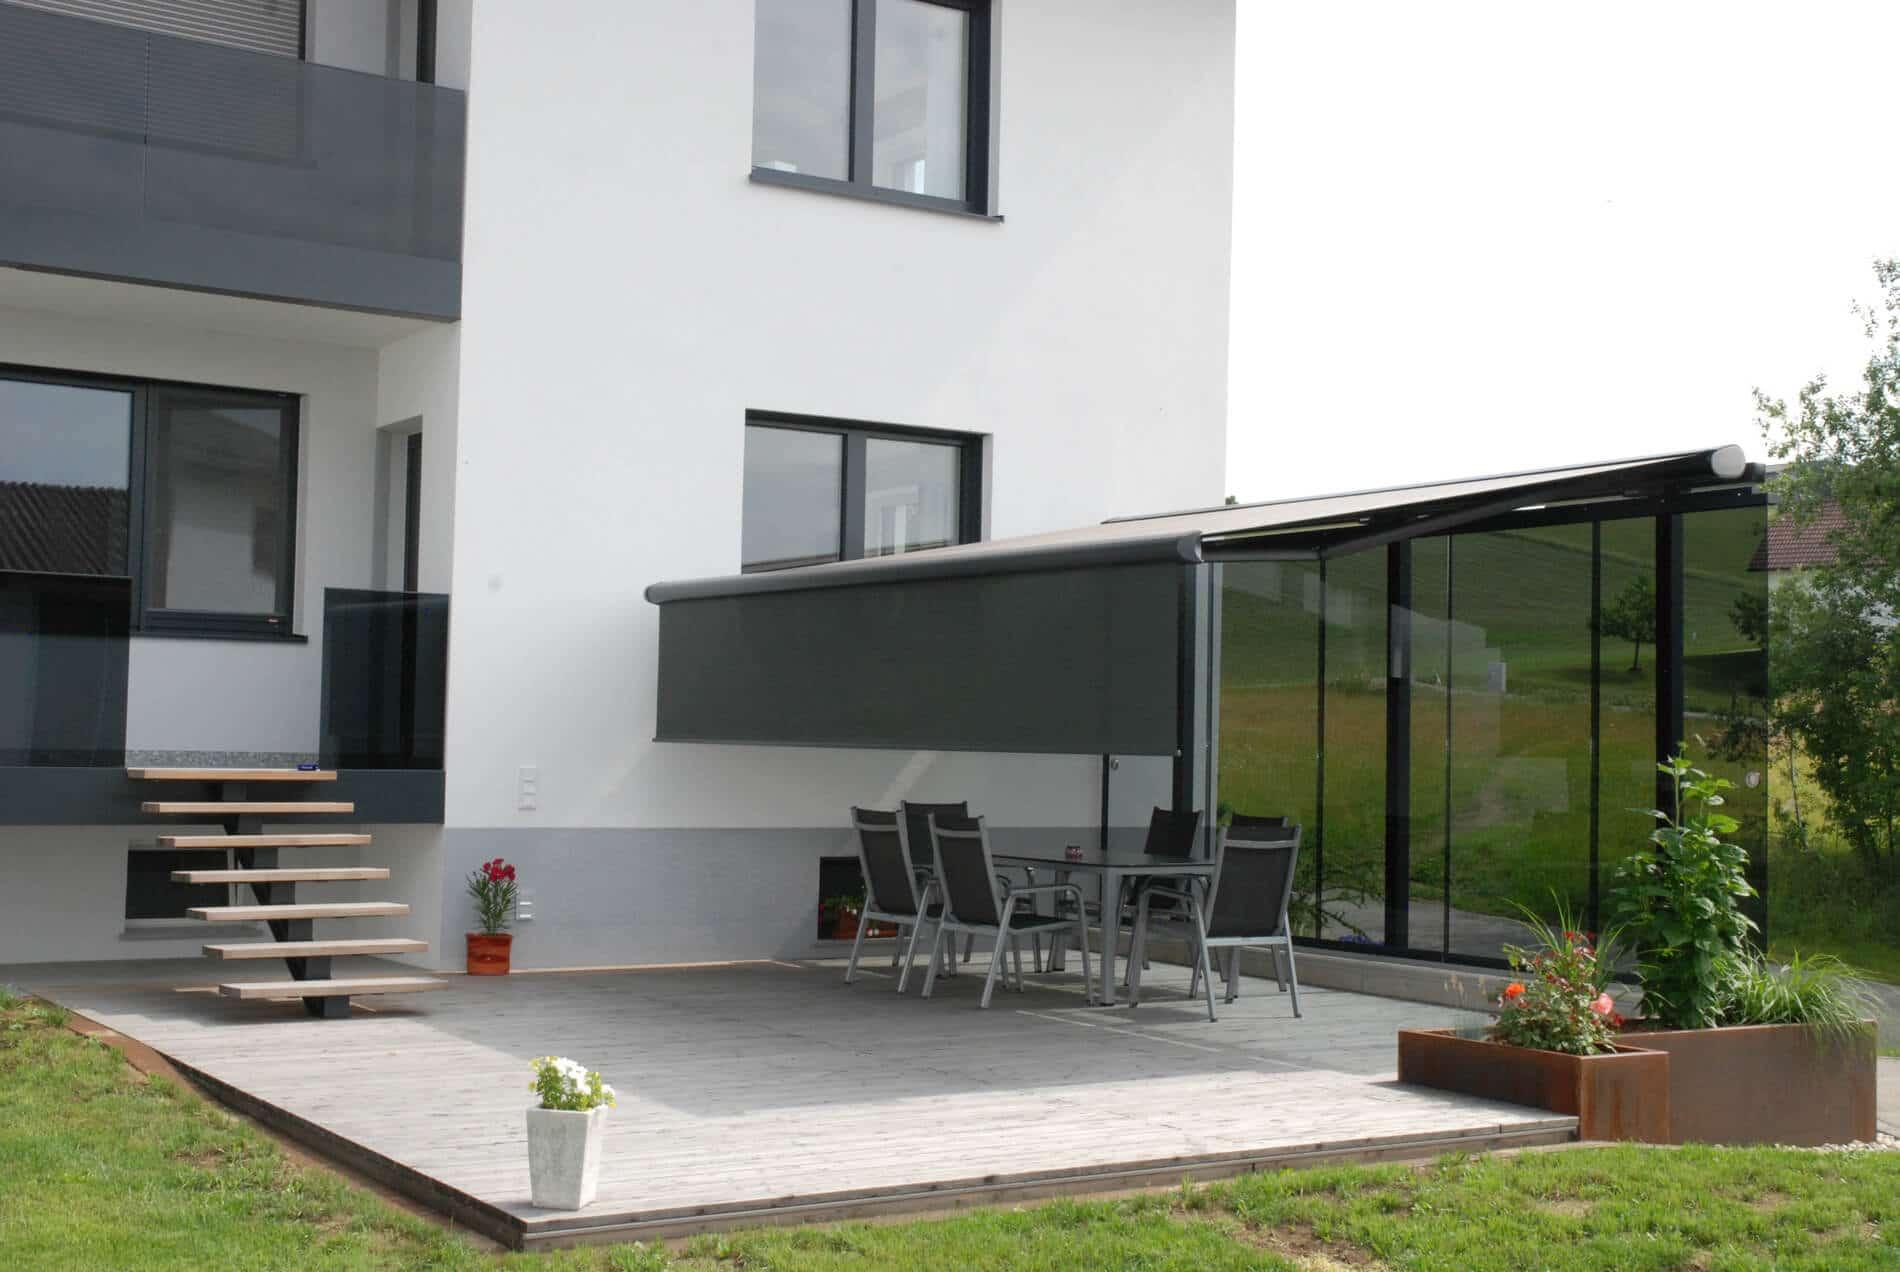 freistehender Windschutz mit Nurglas-Schiebetüren